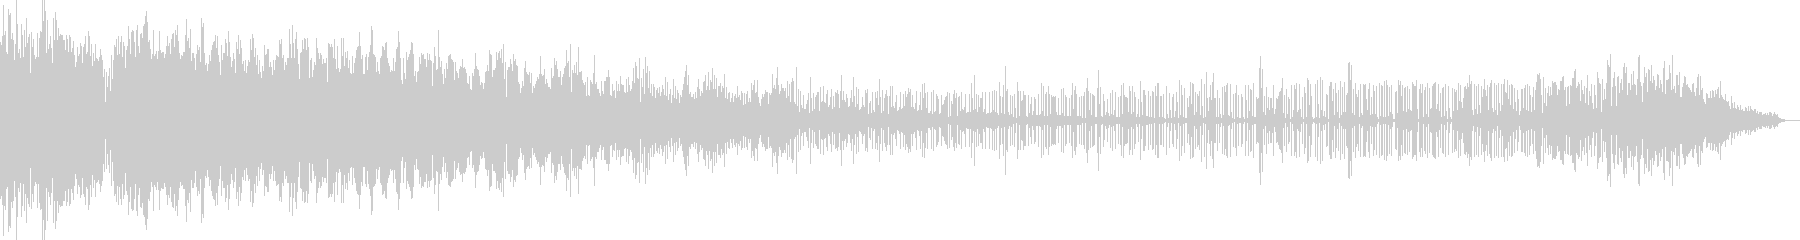 【電子音】 SF デジタルFX 15の未再生の波形